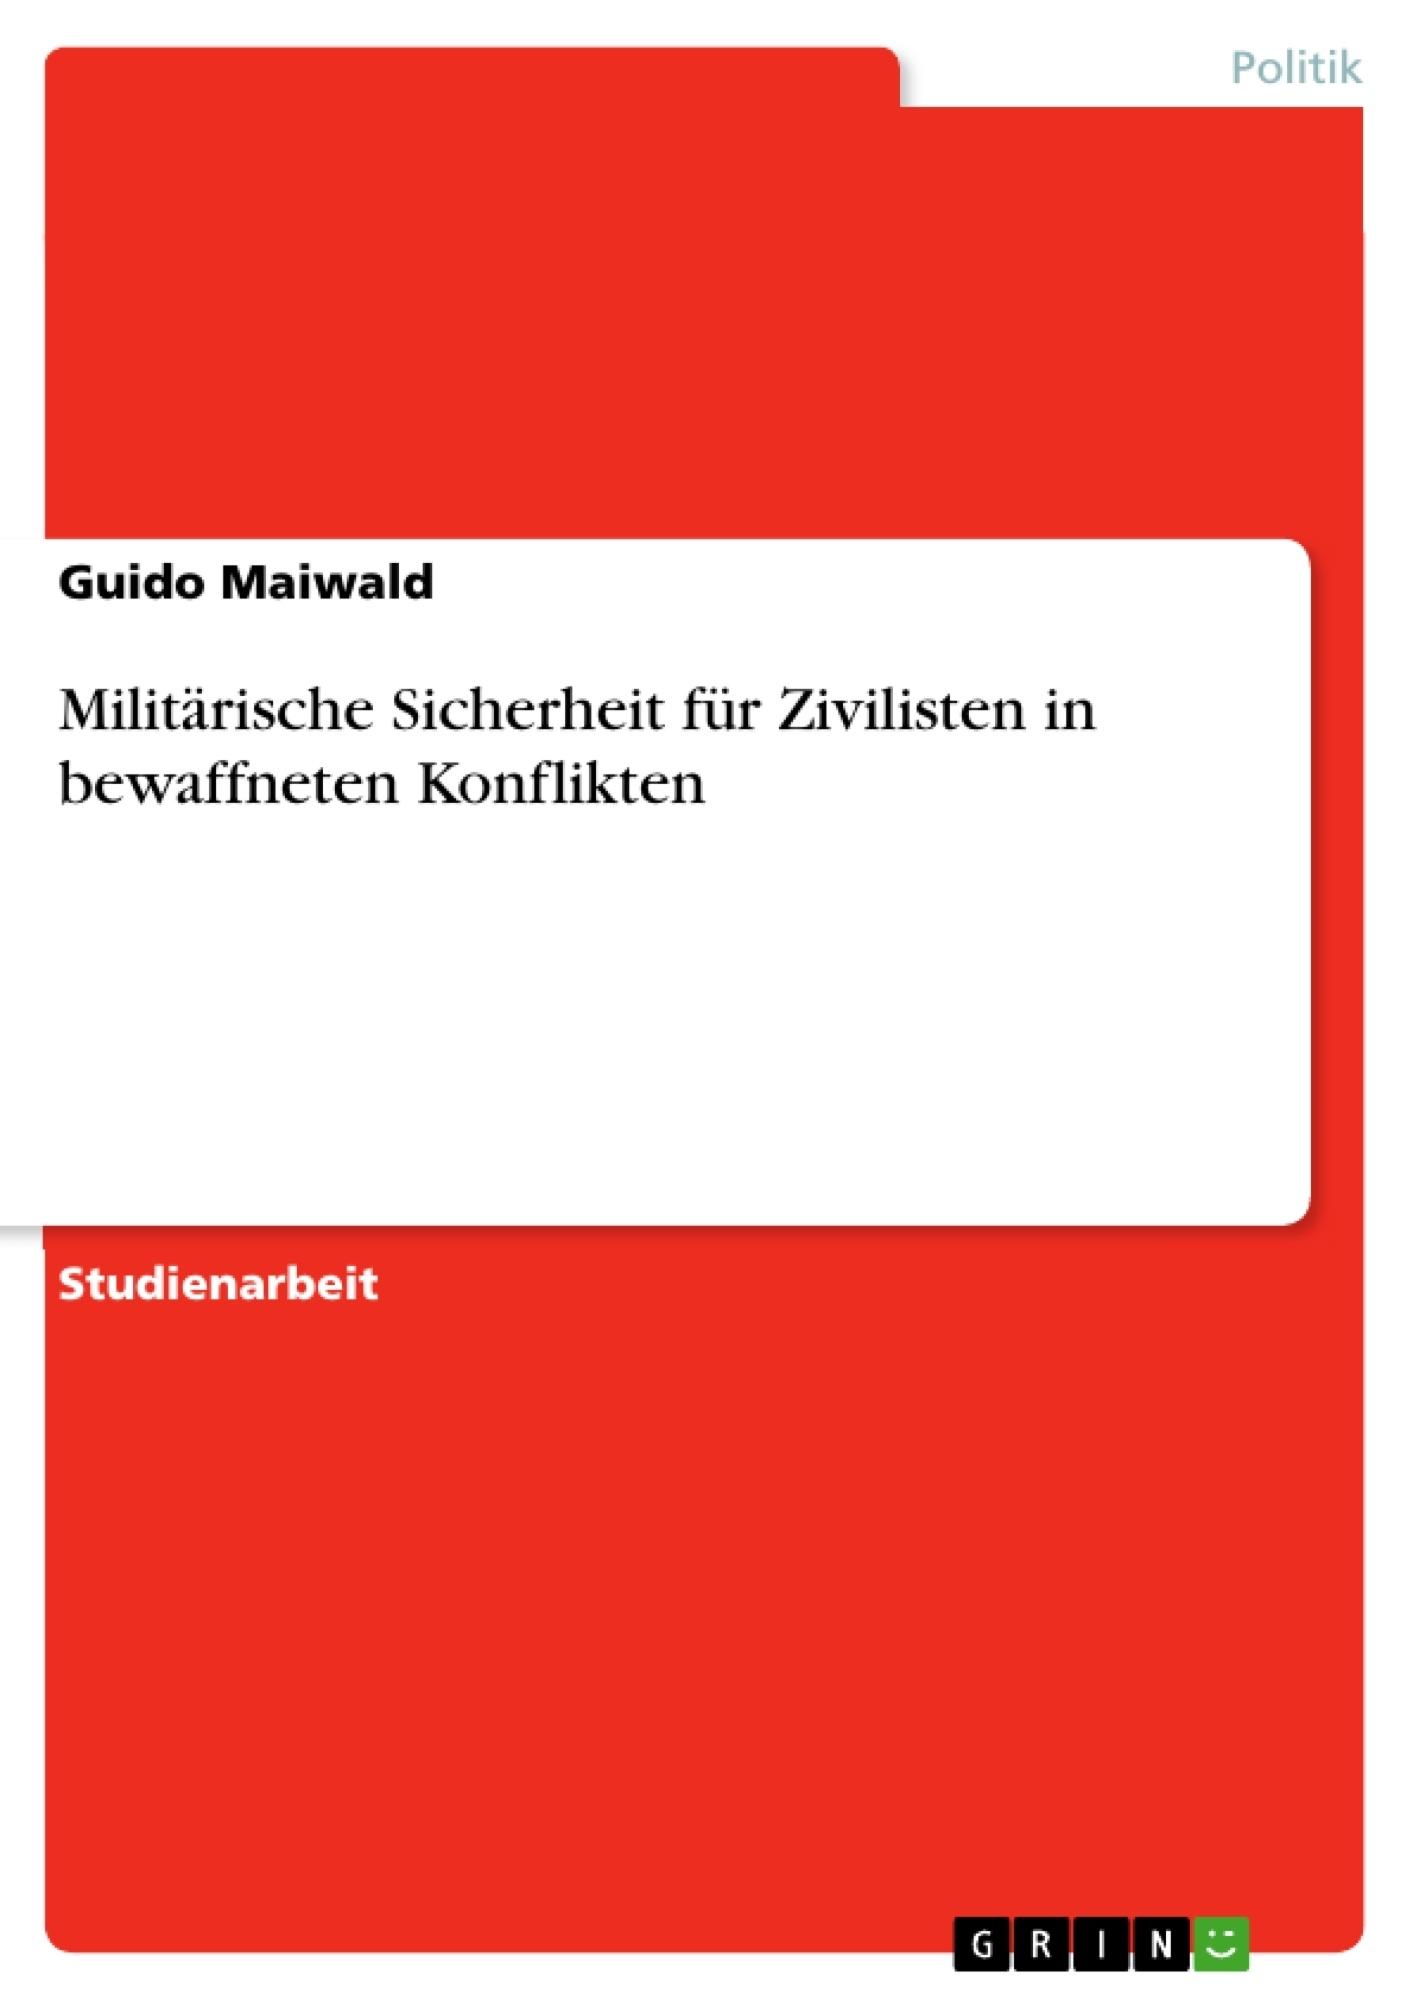 Titel: Militärische Sicherheit für Zivilisten in bewaffneten Konflikten